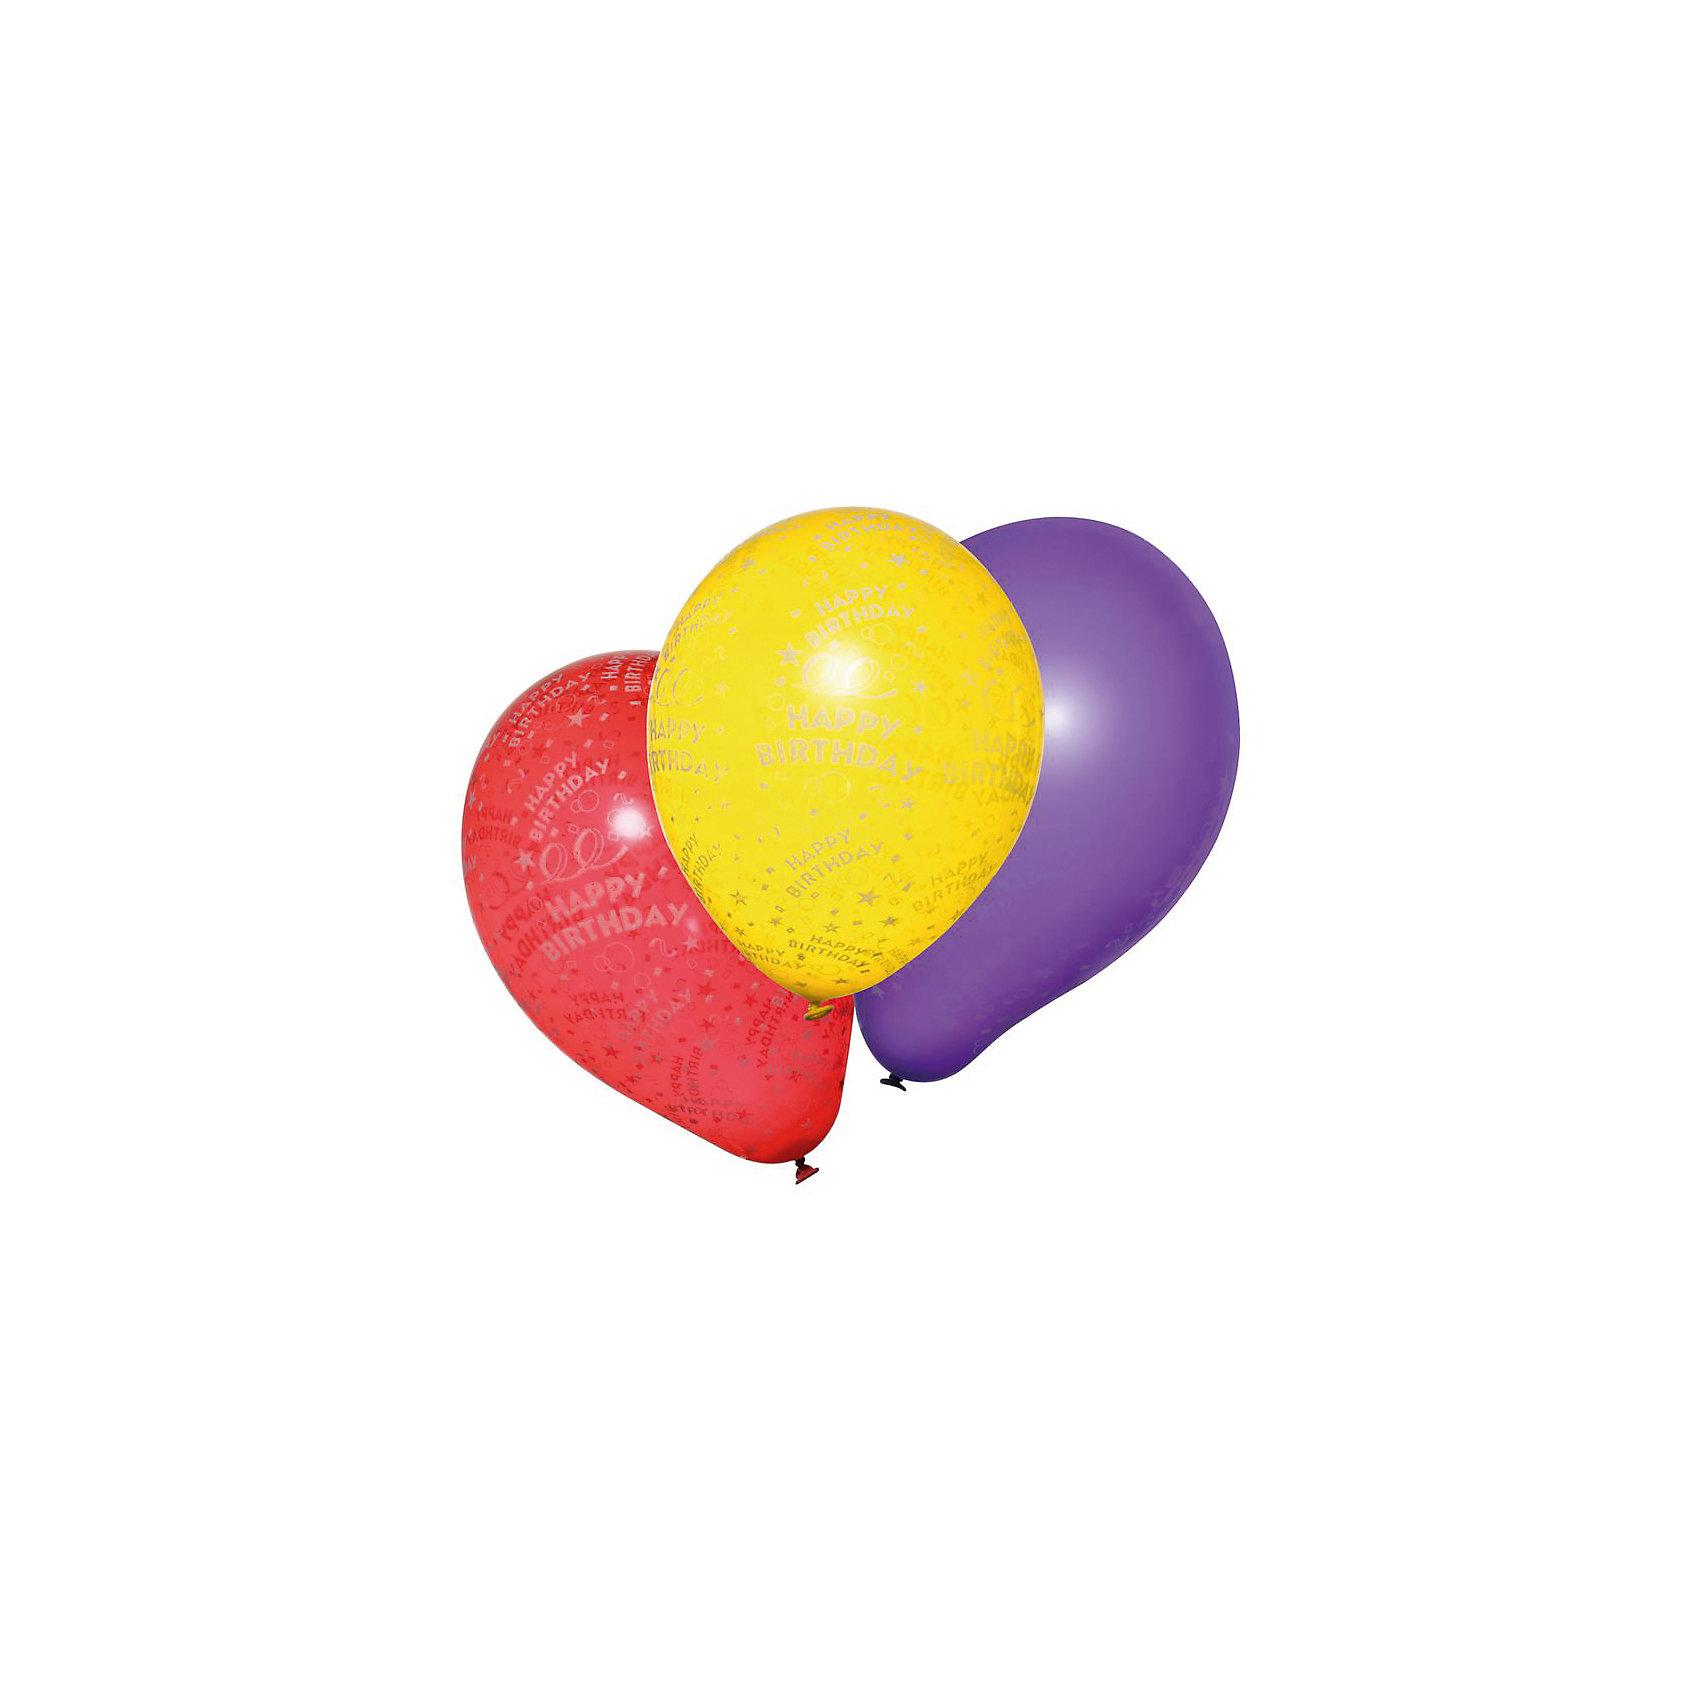 Шары воздушные  Happy Birthday, 10 штВсё для праздника<br>Характеристики товара:<br><br>• возраст: от 3 лет<br>• цвет: мульти<br>• материал: биоразлагаемый латекс<br>• размер упаковки: 3х13х20 см<br>•  для надувания гелием или воздухом<br>• комплектация: 100 шт<br>• вес: 50 г<br>• страна бренда: Германия<br>• страна изготовитель: Германия<br><br>Воздушные шары с поздравлением С ДНЕМ РОЖДЕНИЯ! добавят красок во время вечеринки. <br><br>Изделие произведено из безопасного для детей материала.<br><br>Шары воздушные «Happy Birthday», 10 шт., от бренда Herlitz (Херлиц) можно купить в нашем интернет-магазине.<br><br>Ширина мм: 15<br>Глубина мм: 128<br>Высота мм: 200<br>Вес г: 32<br>Возраст от месяцев: 36<br>Возраст до месяцев: 2147483647<br>Пол: Унисекс<br>Возраст: Детский<br>SKU: 6886493